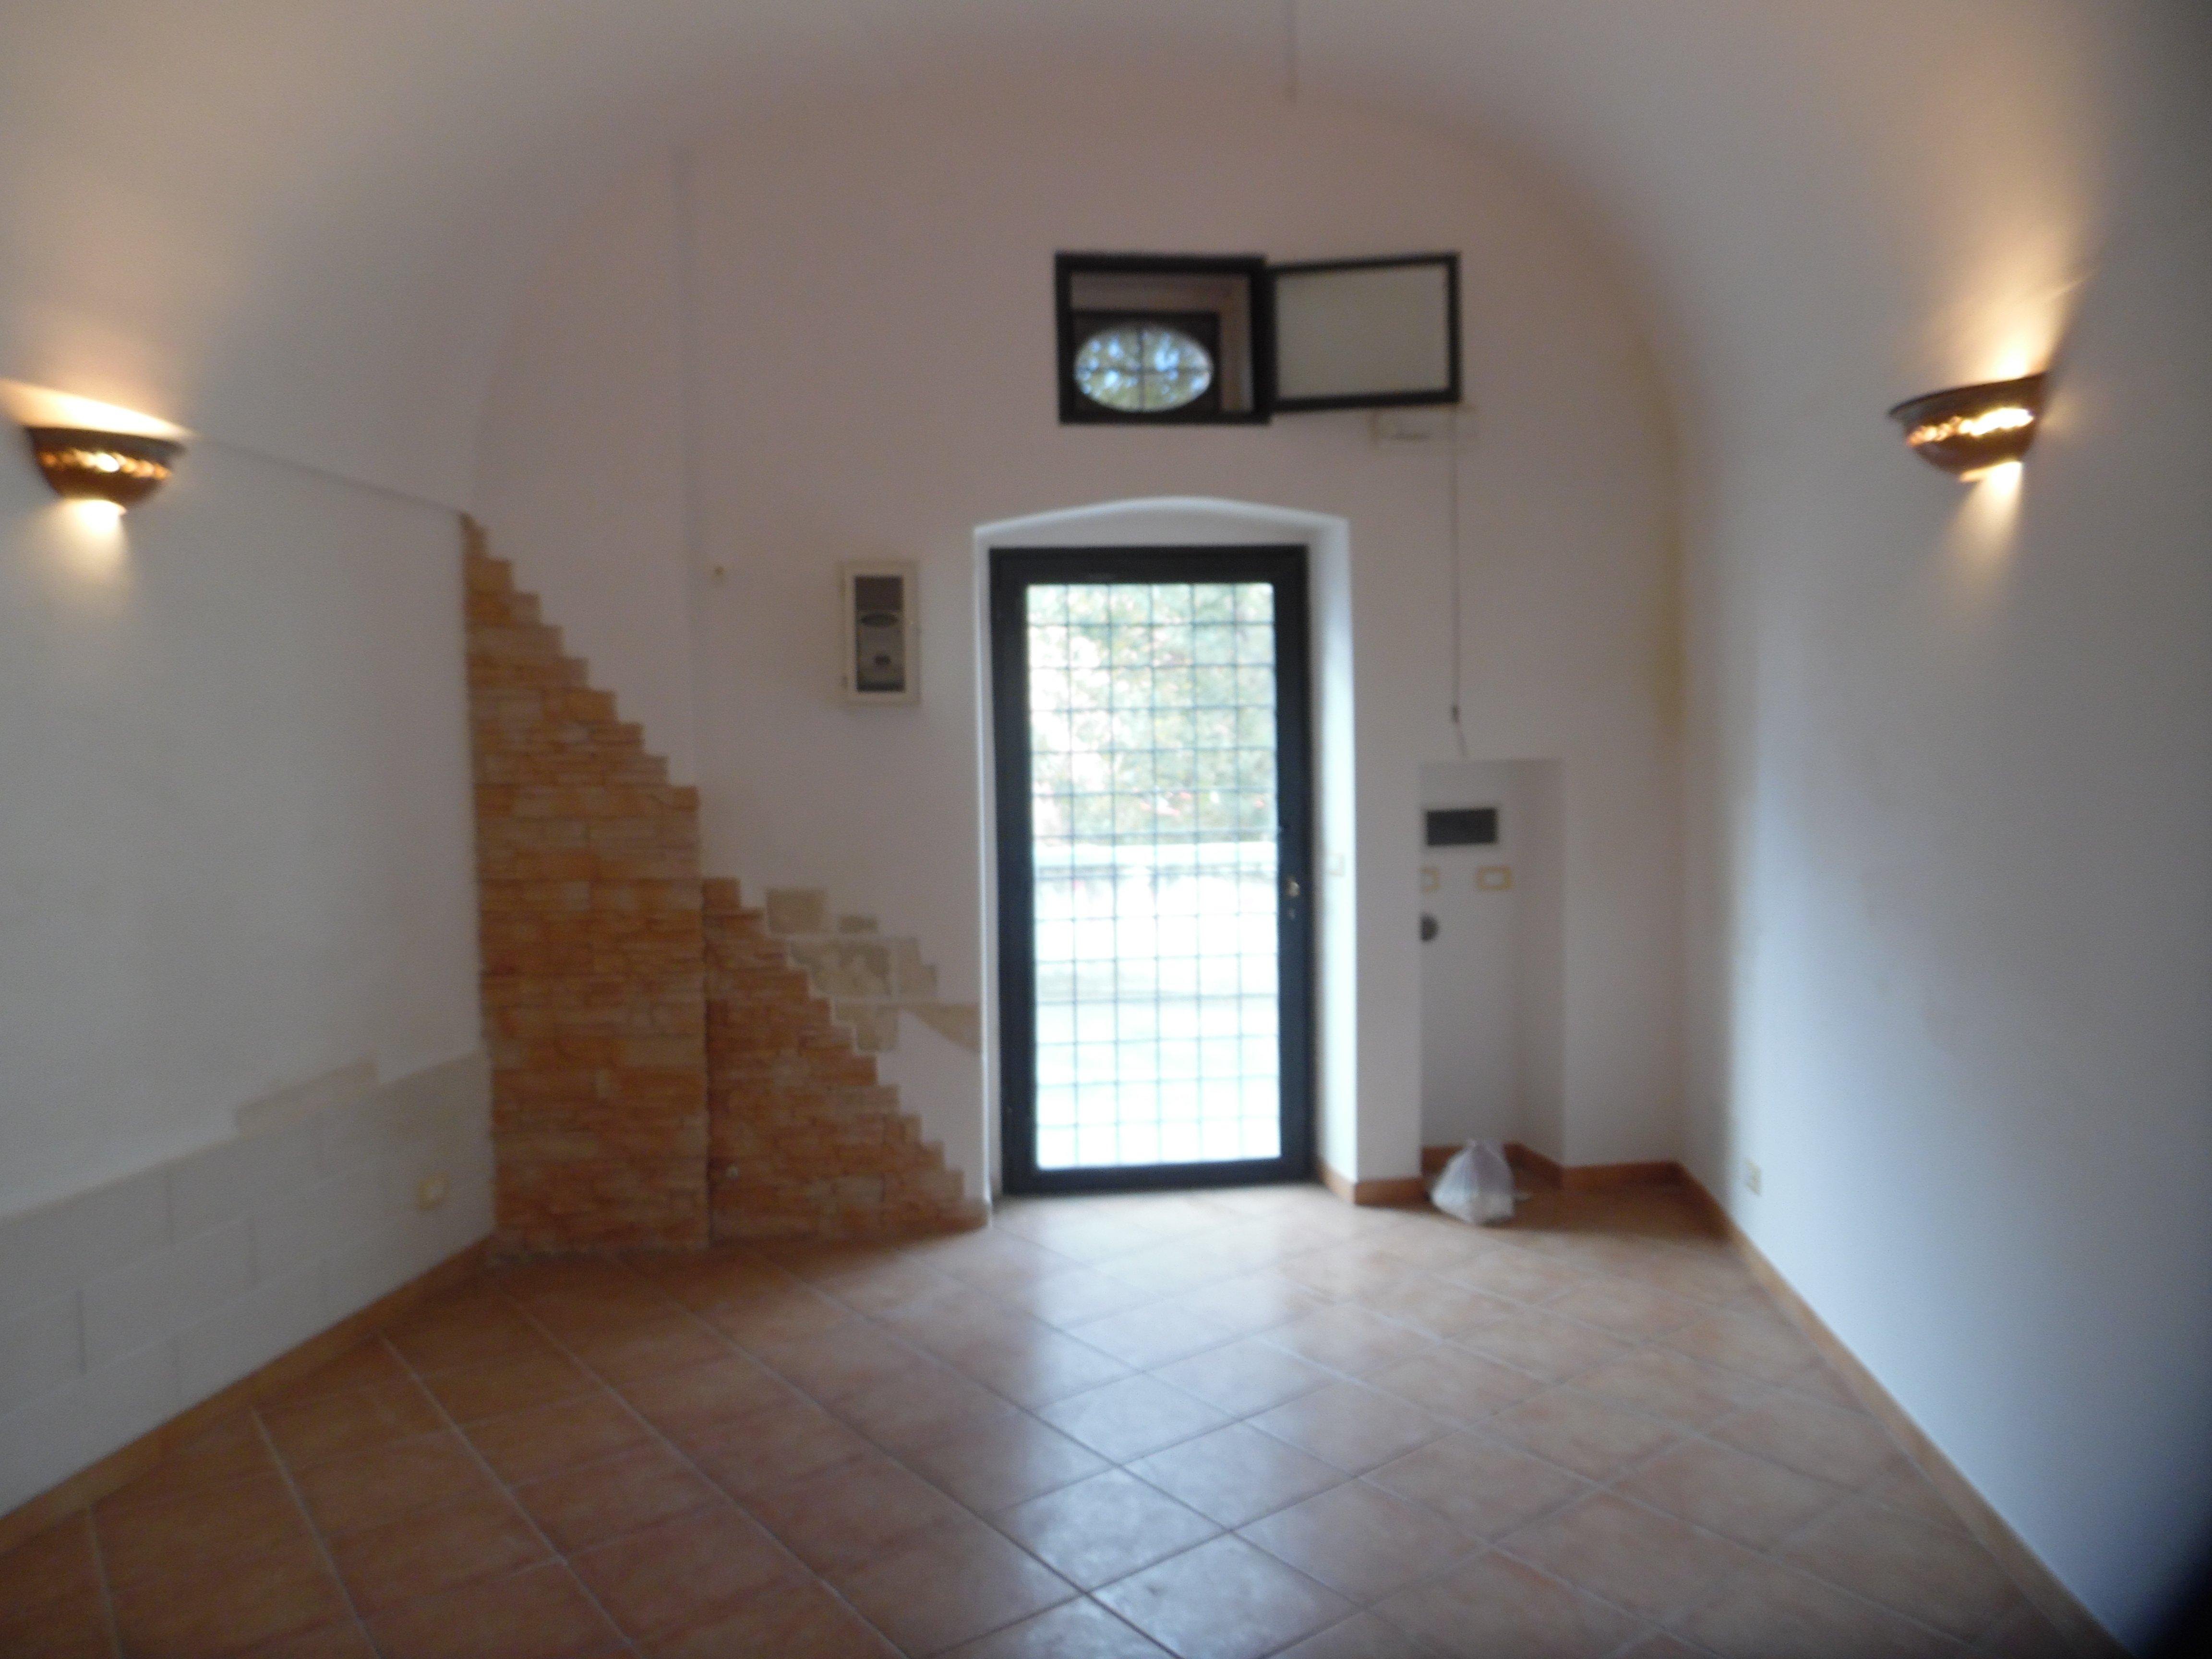 Piccolo Ufficio Della Madonna : Vendita appartamento via madonna delle grazie immobiliare calzolaio